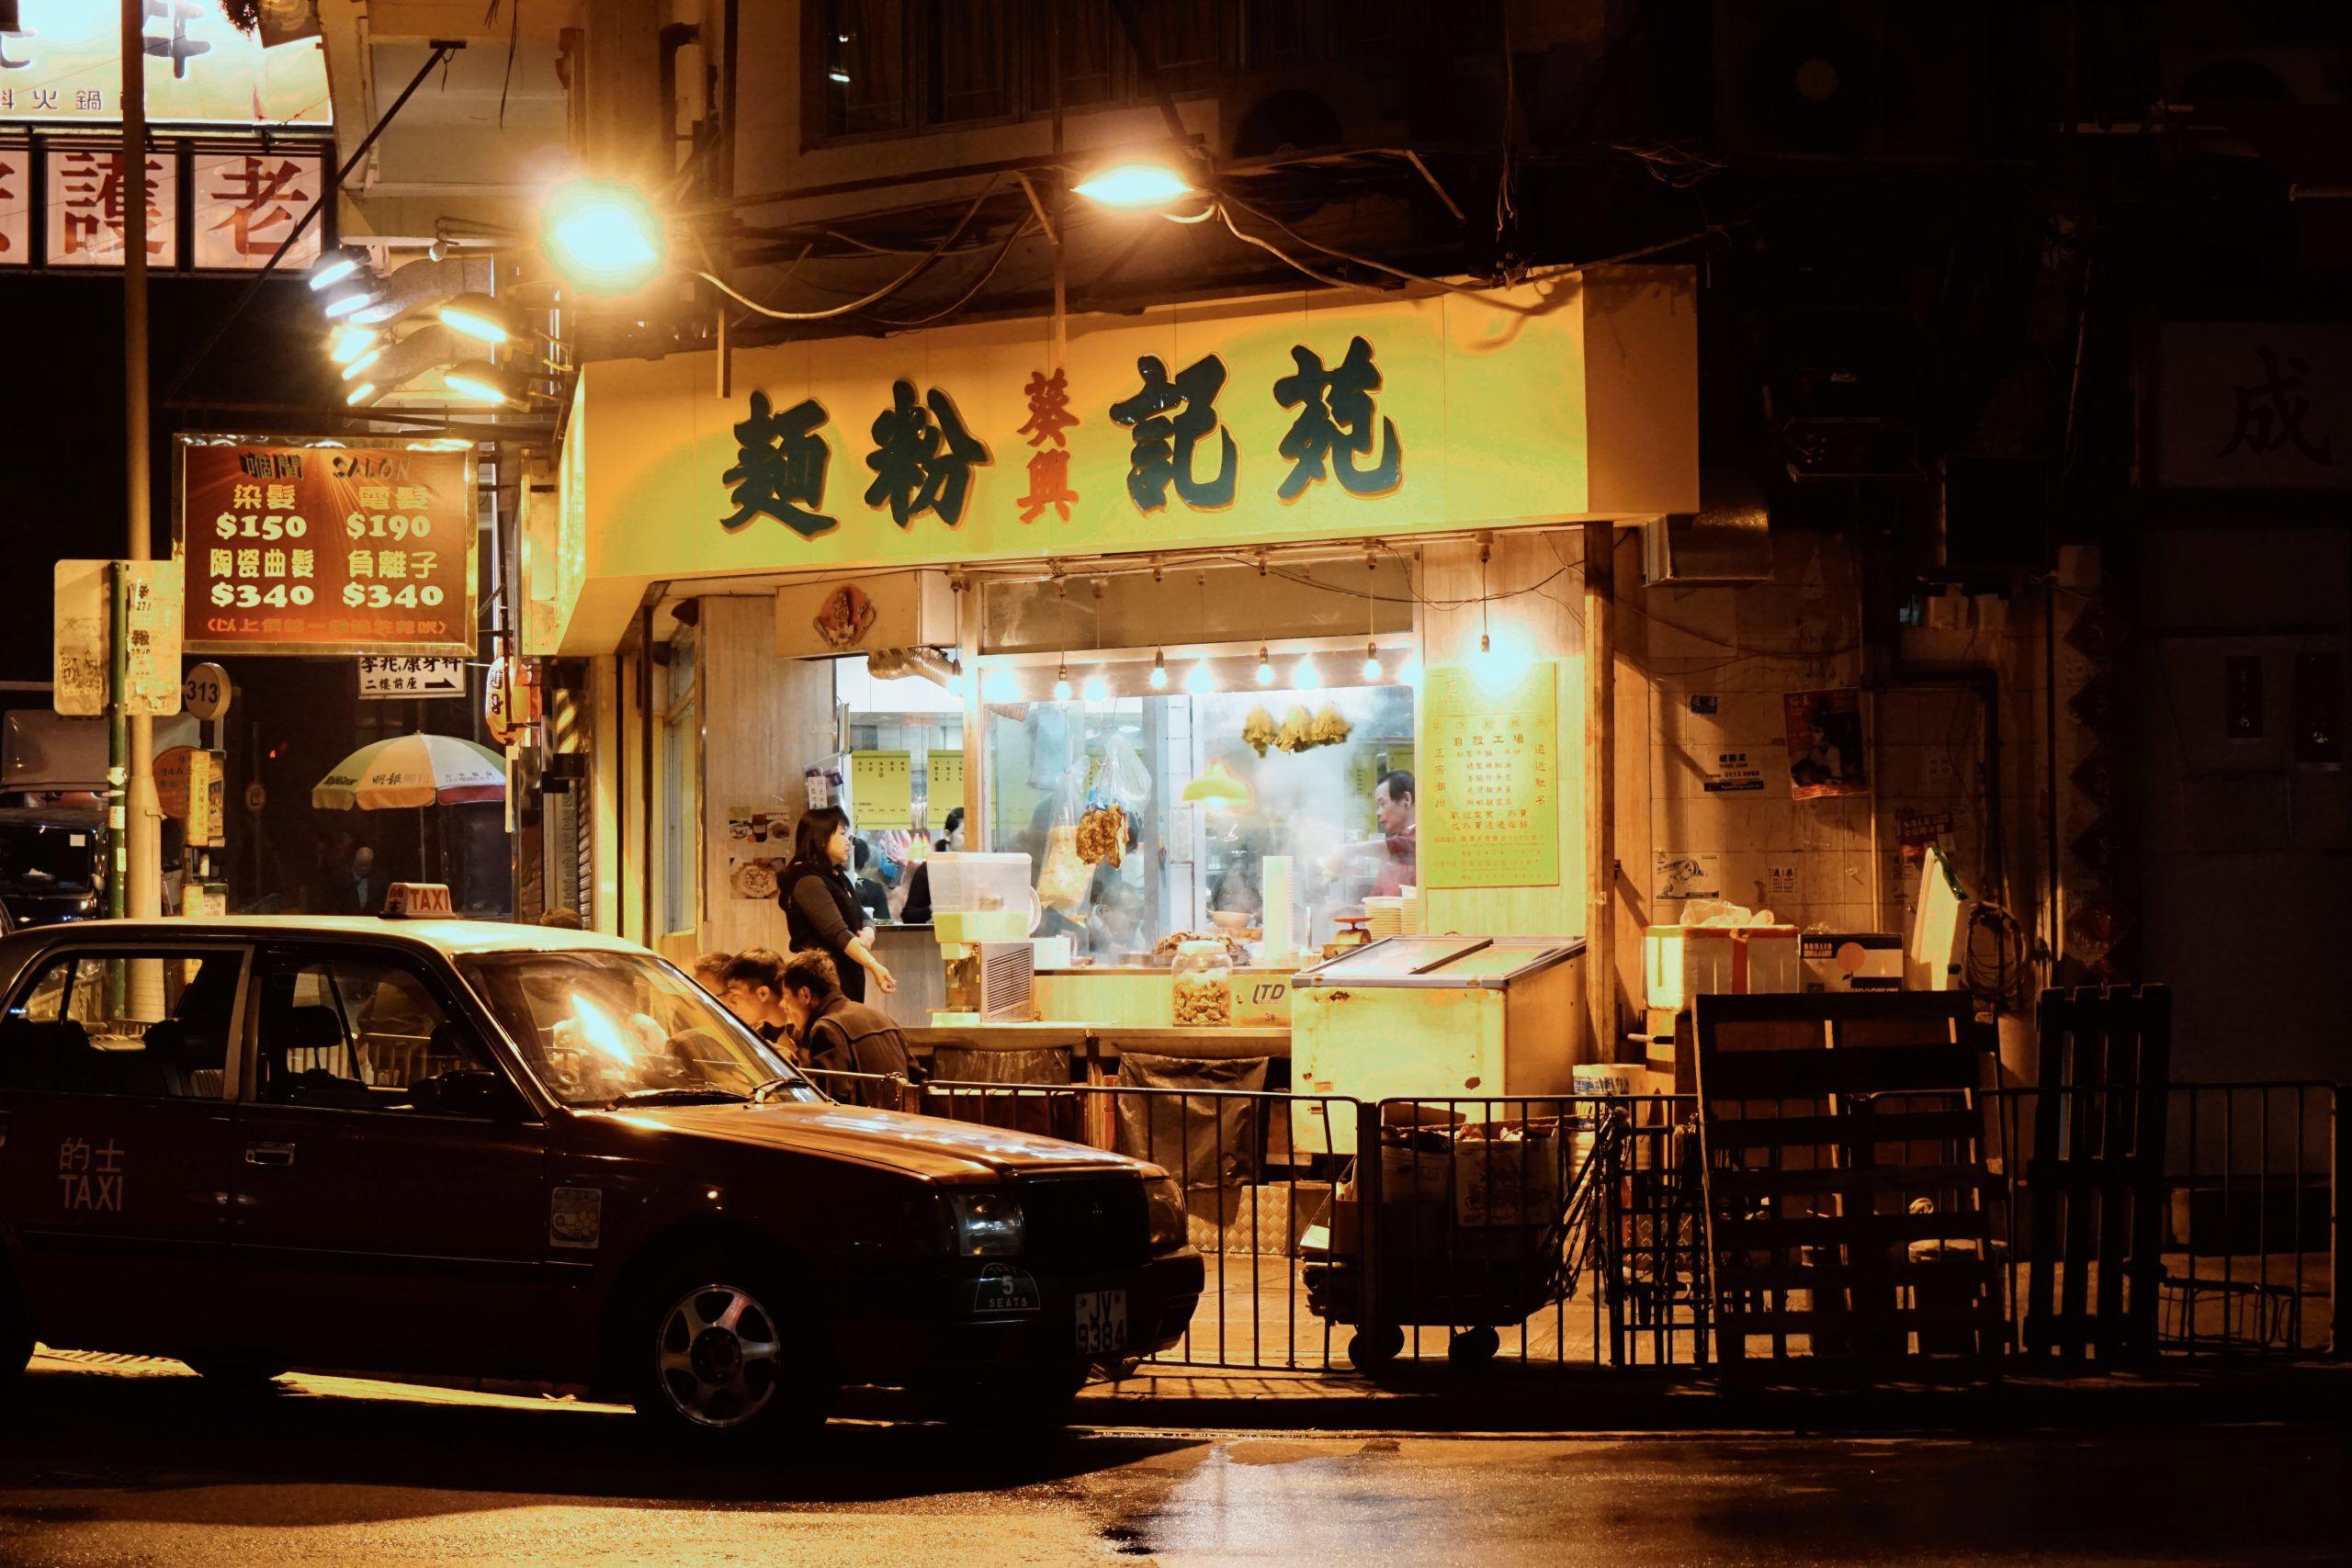 Hong Kong. Relatório da União Europeia denuncia agravamento alarmante da situação política